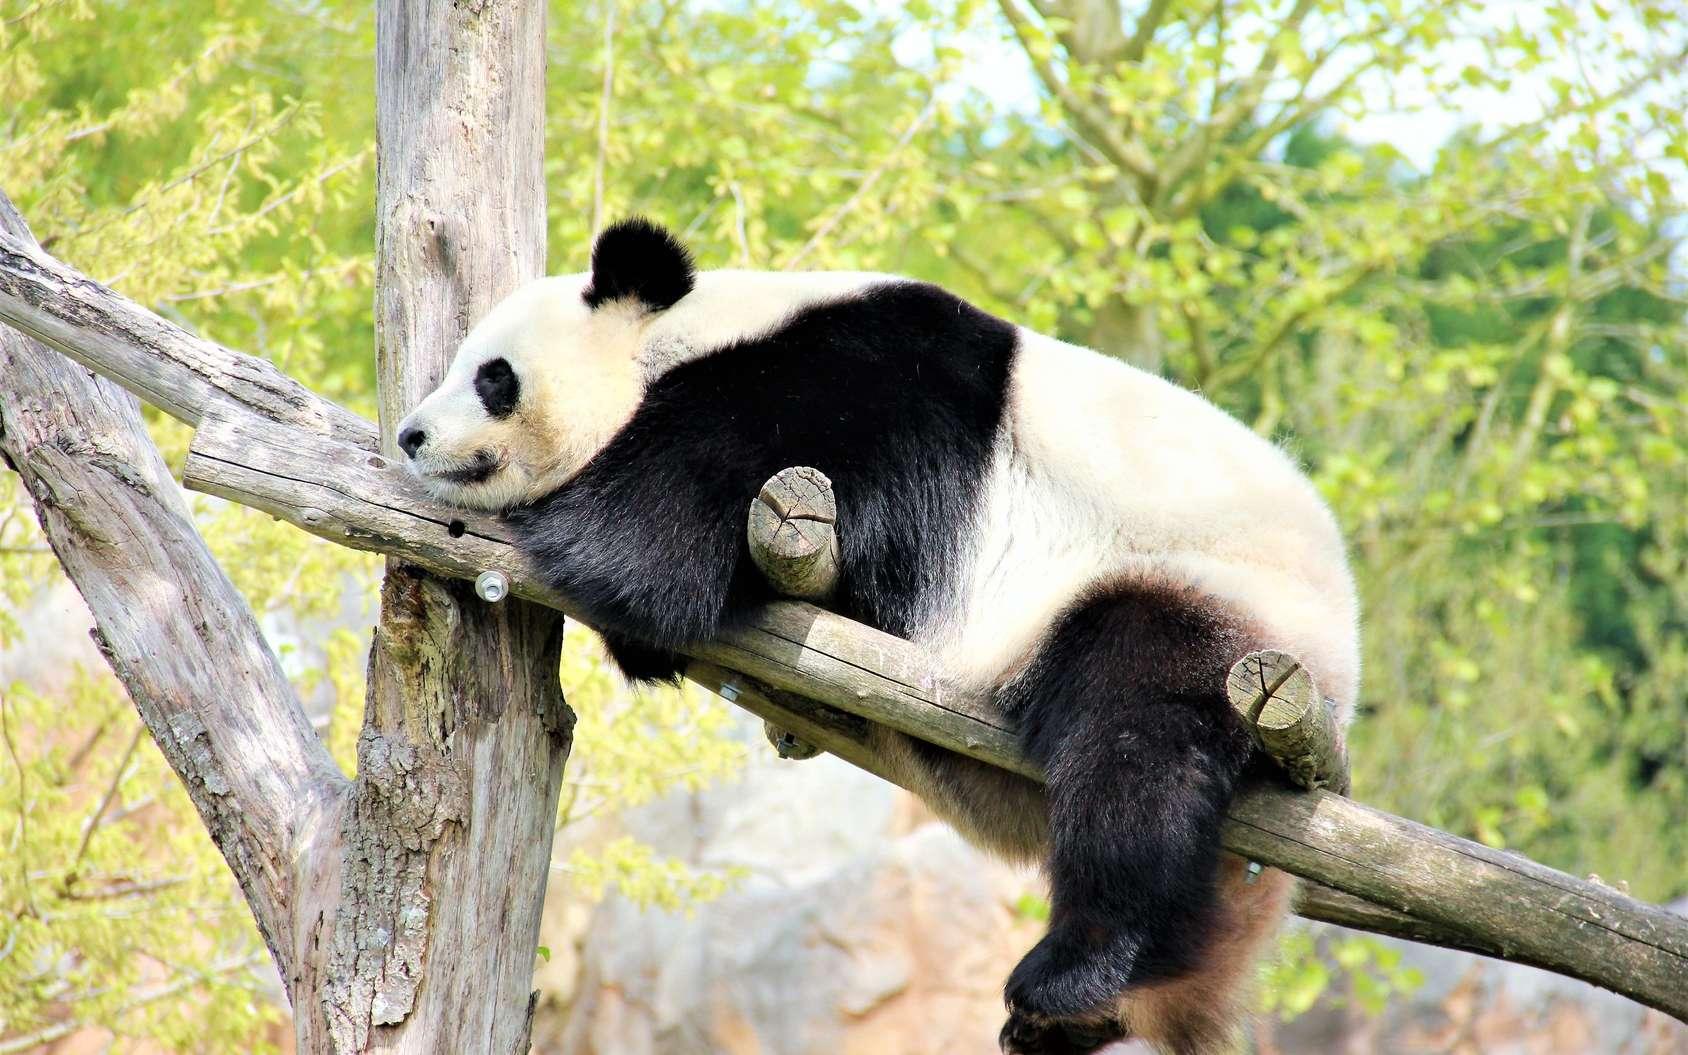 L'enclos des pandas du zoo de Beauval est parfaitement adapté à leurs besoins. © olivier, fotolia